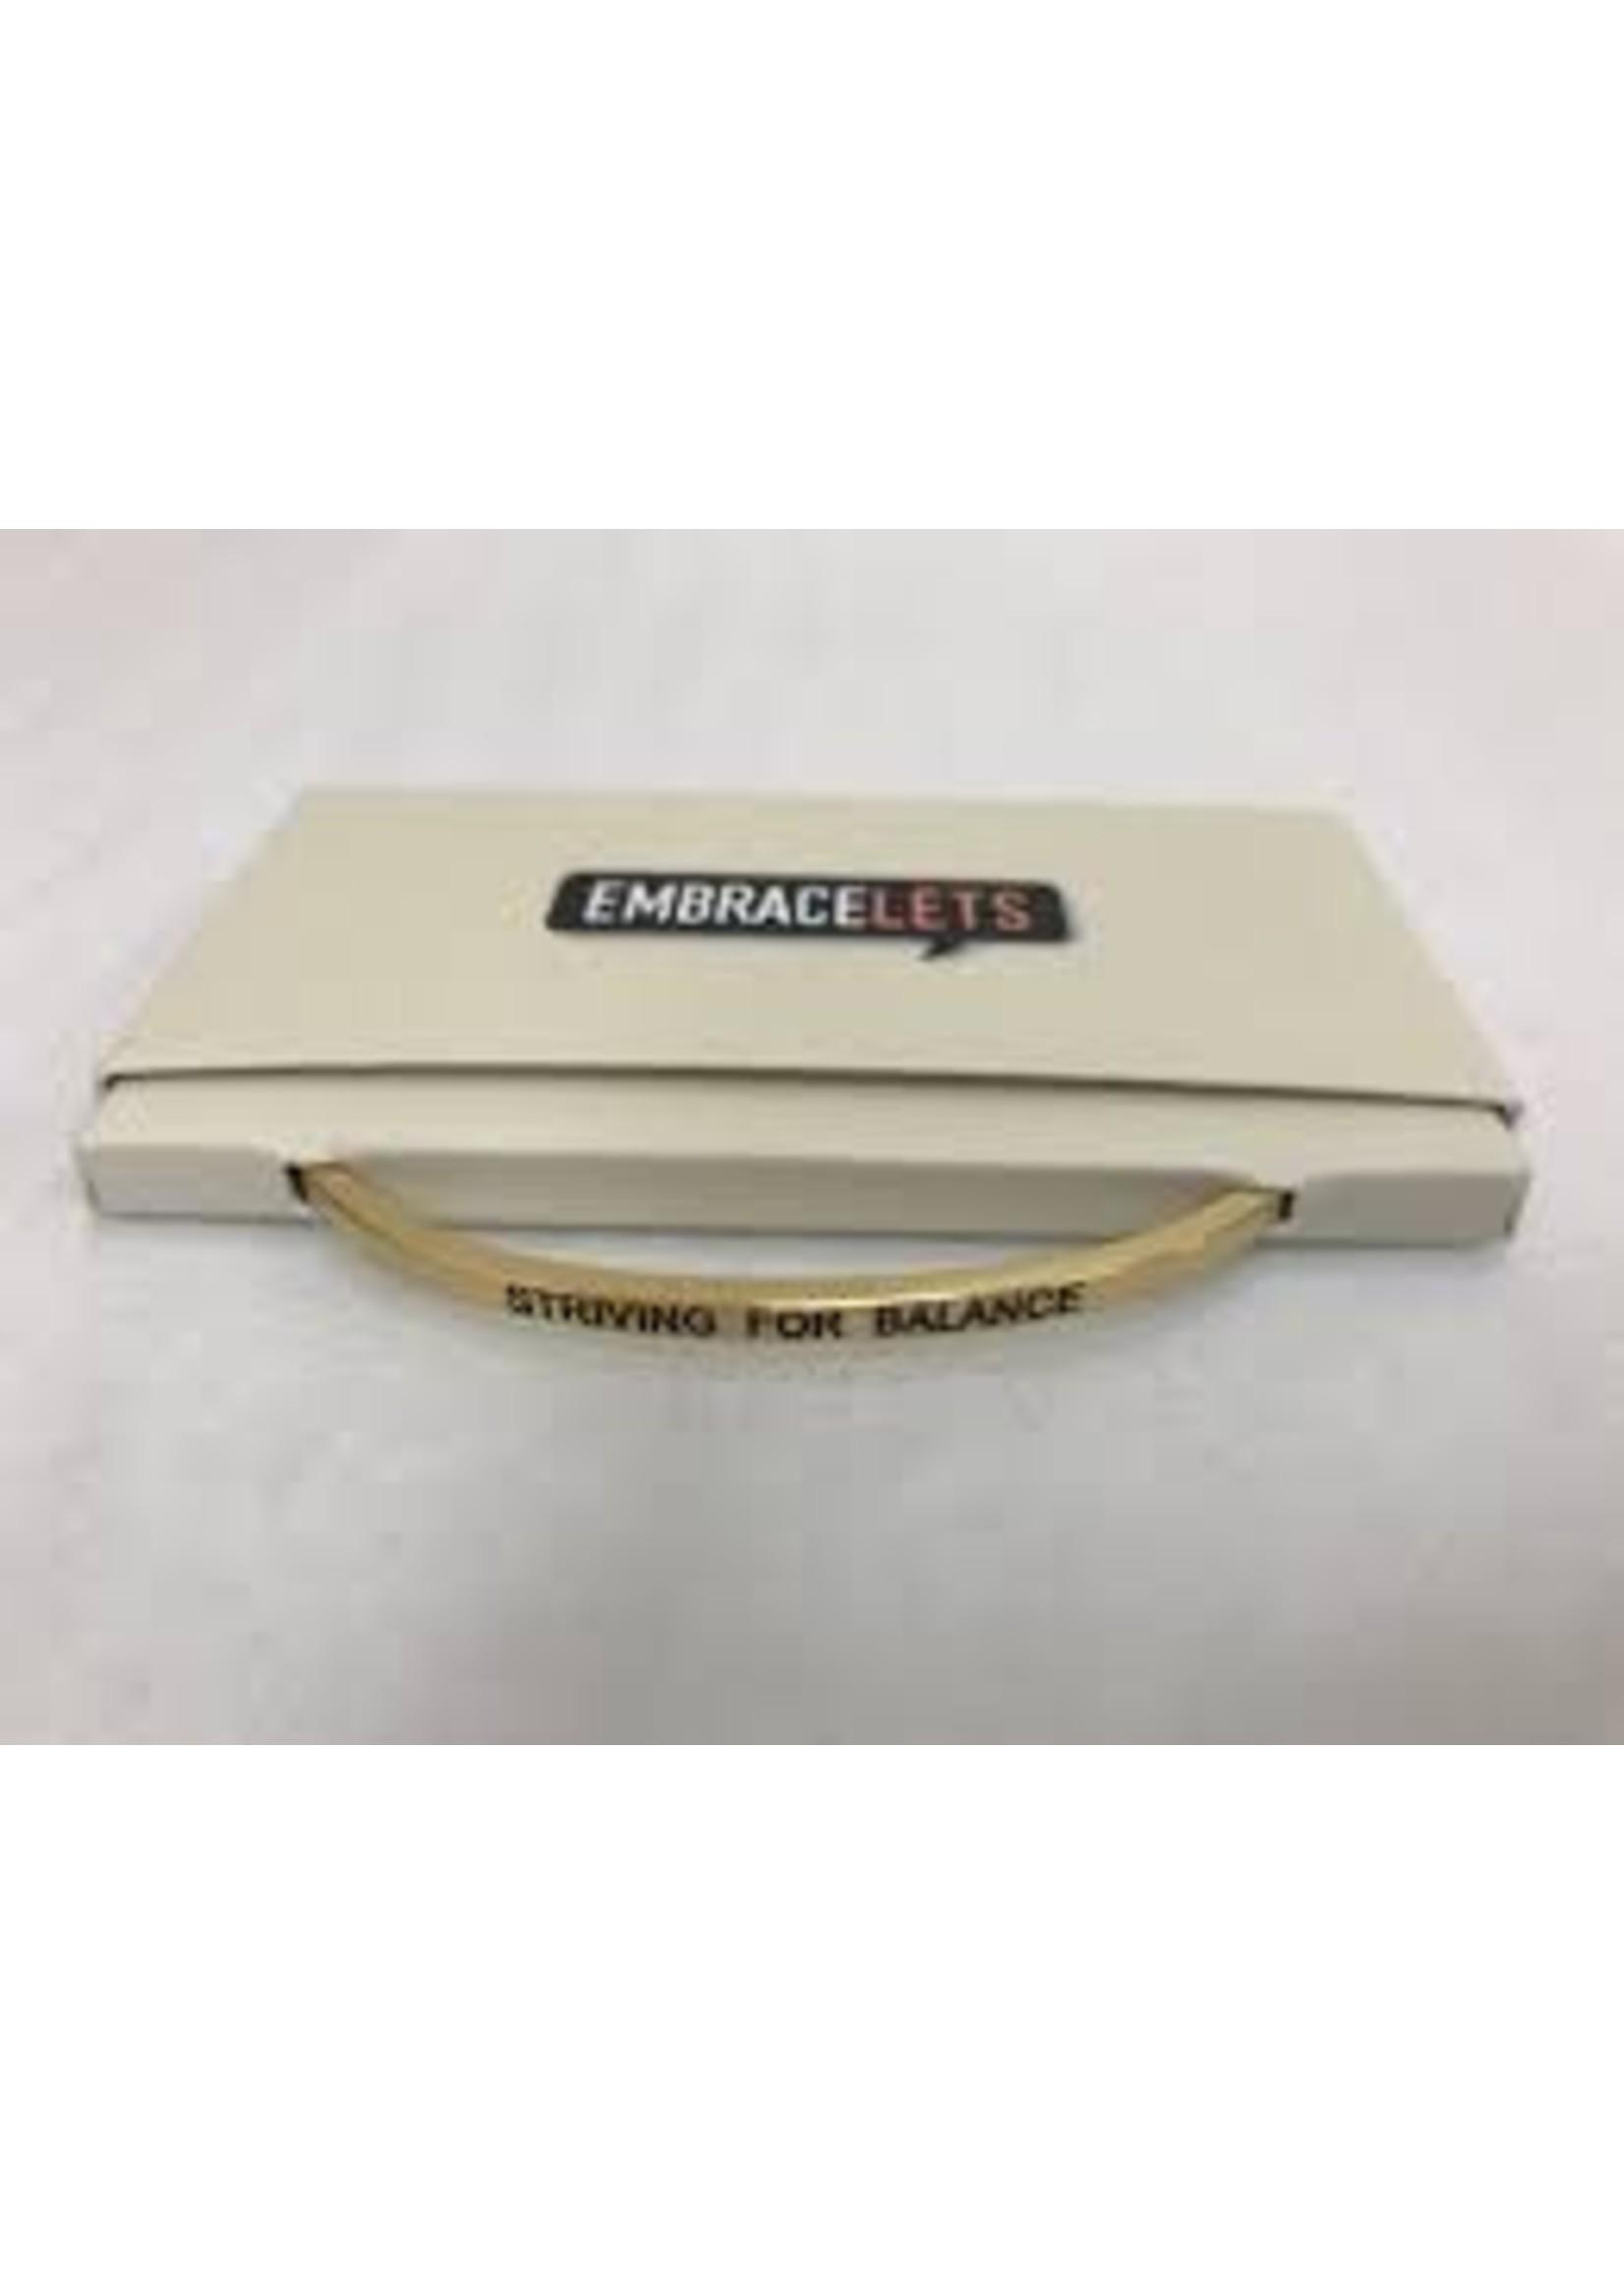 Embracelets Striving For Balance Embracelet Gold